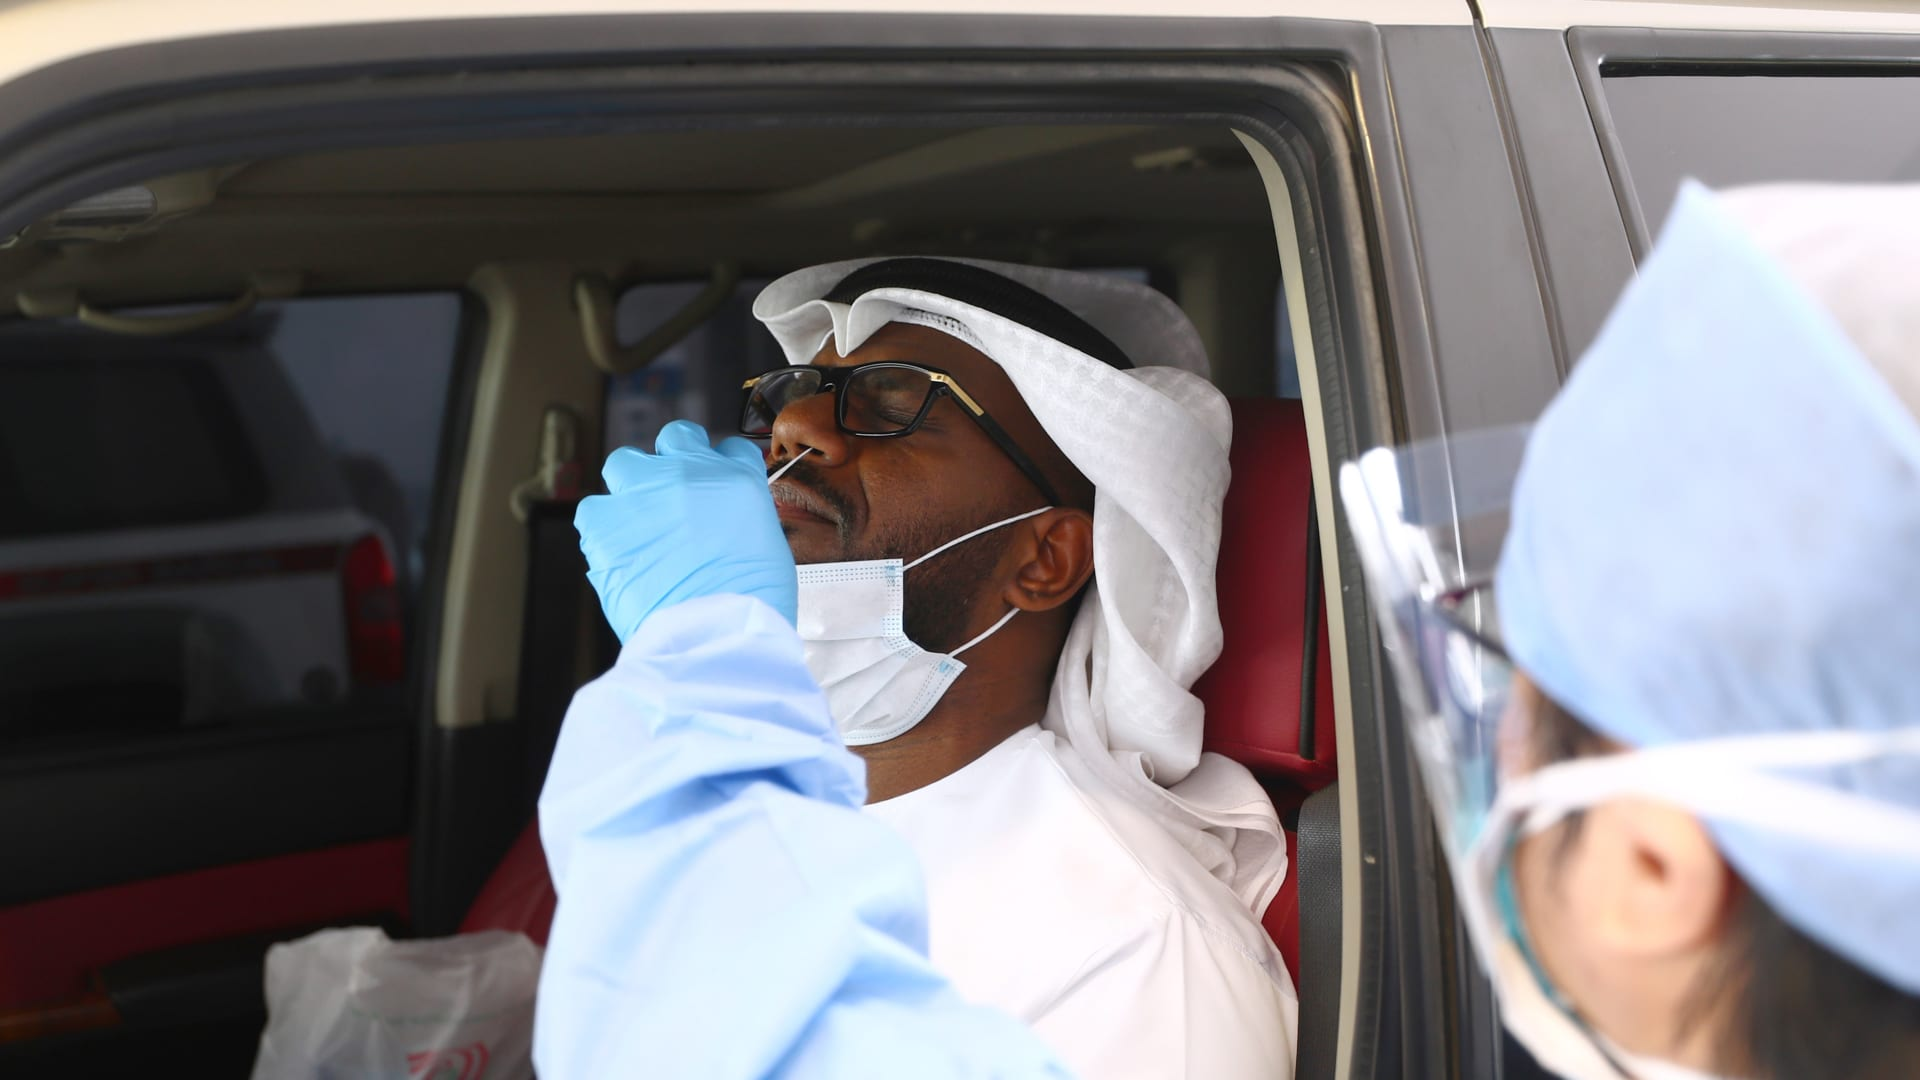 مع انخفاض الإصابات.. أبوظبي تلغي متطلبات فحوصات فيروس كورونا لدخولها من الإمارات الأخرى